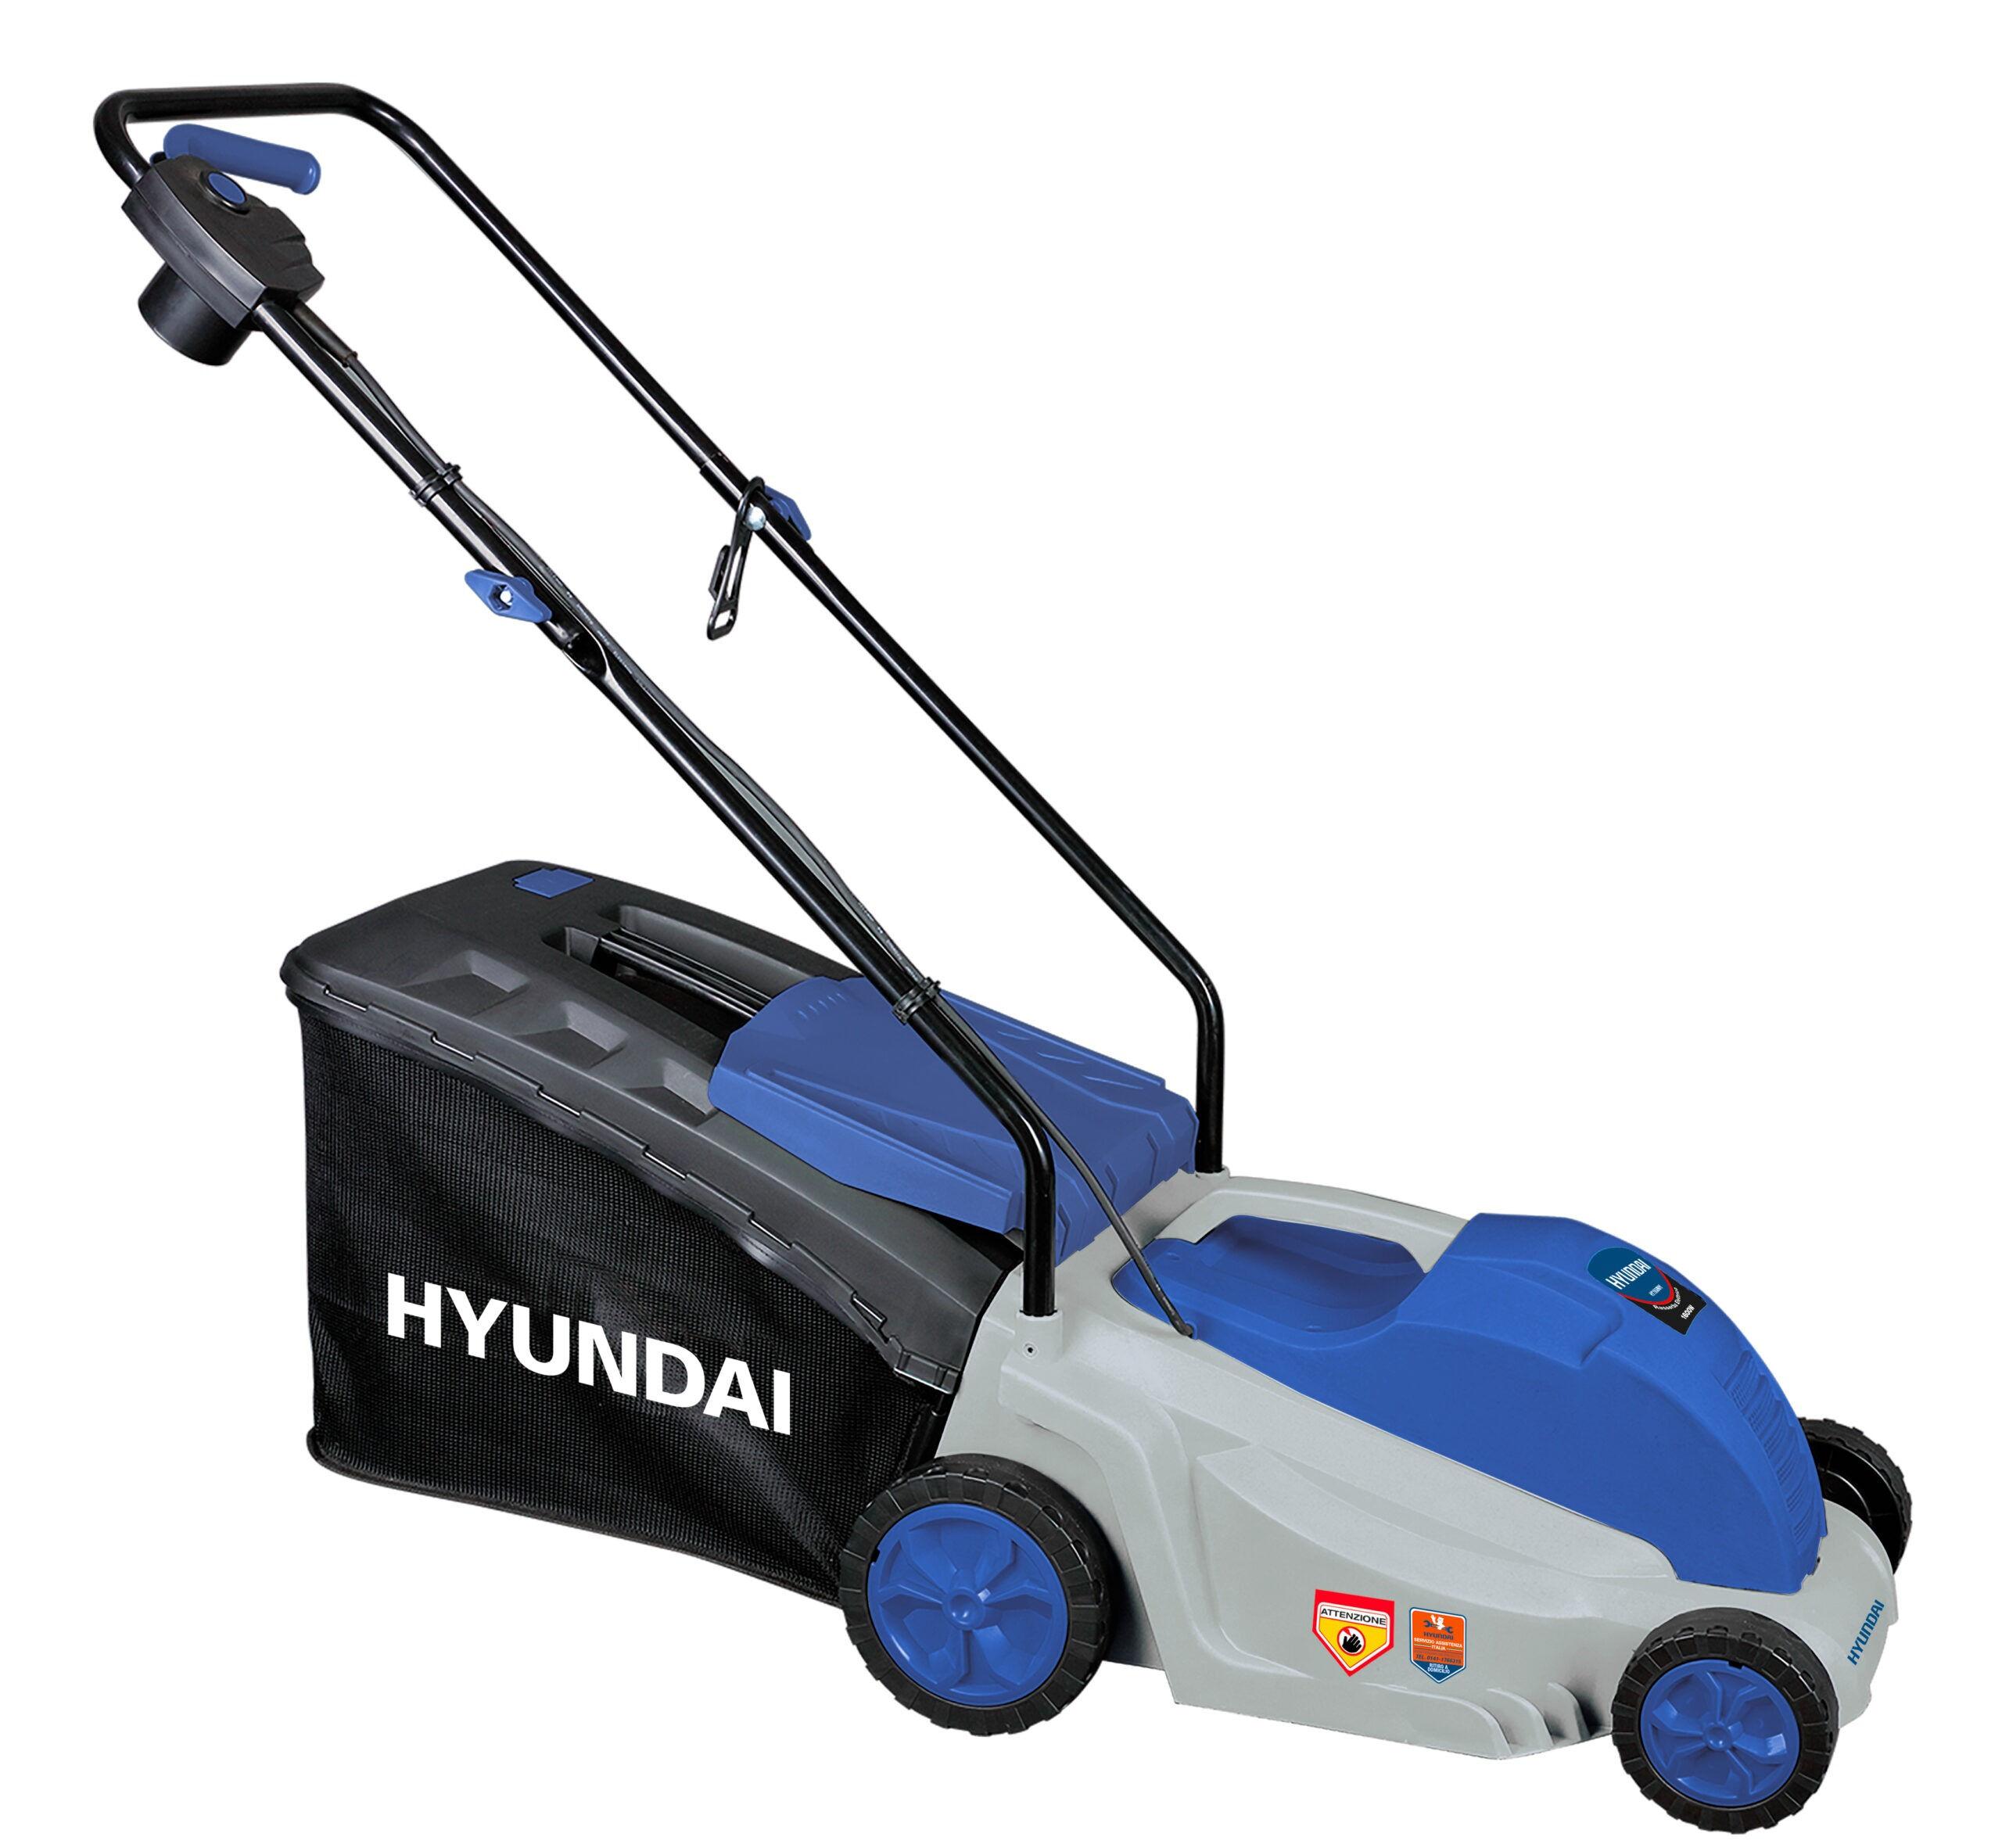 hyundai tagliaerba elettrico 36cm da 1600w hyundai 65460